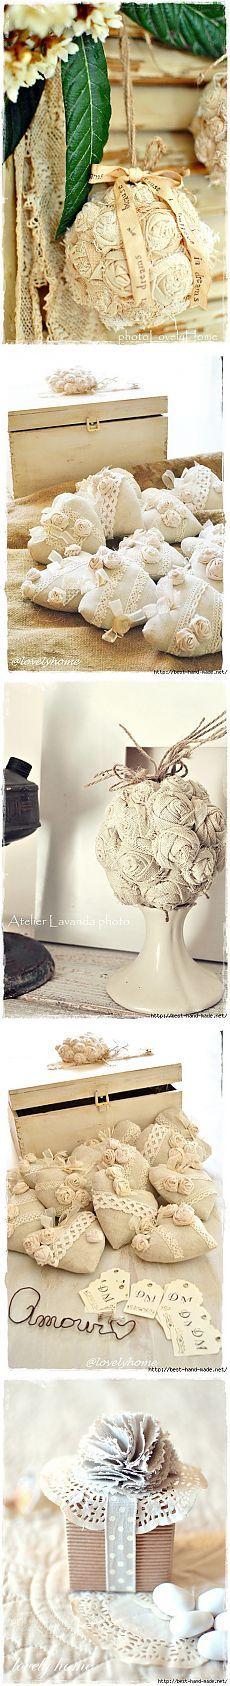 Винтажные композиции из текстильных роз от Anna - Lovely Home, Италия. Очень красиво!.